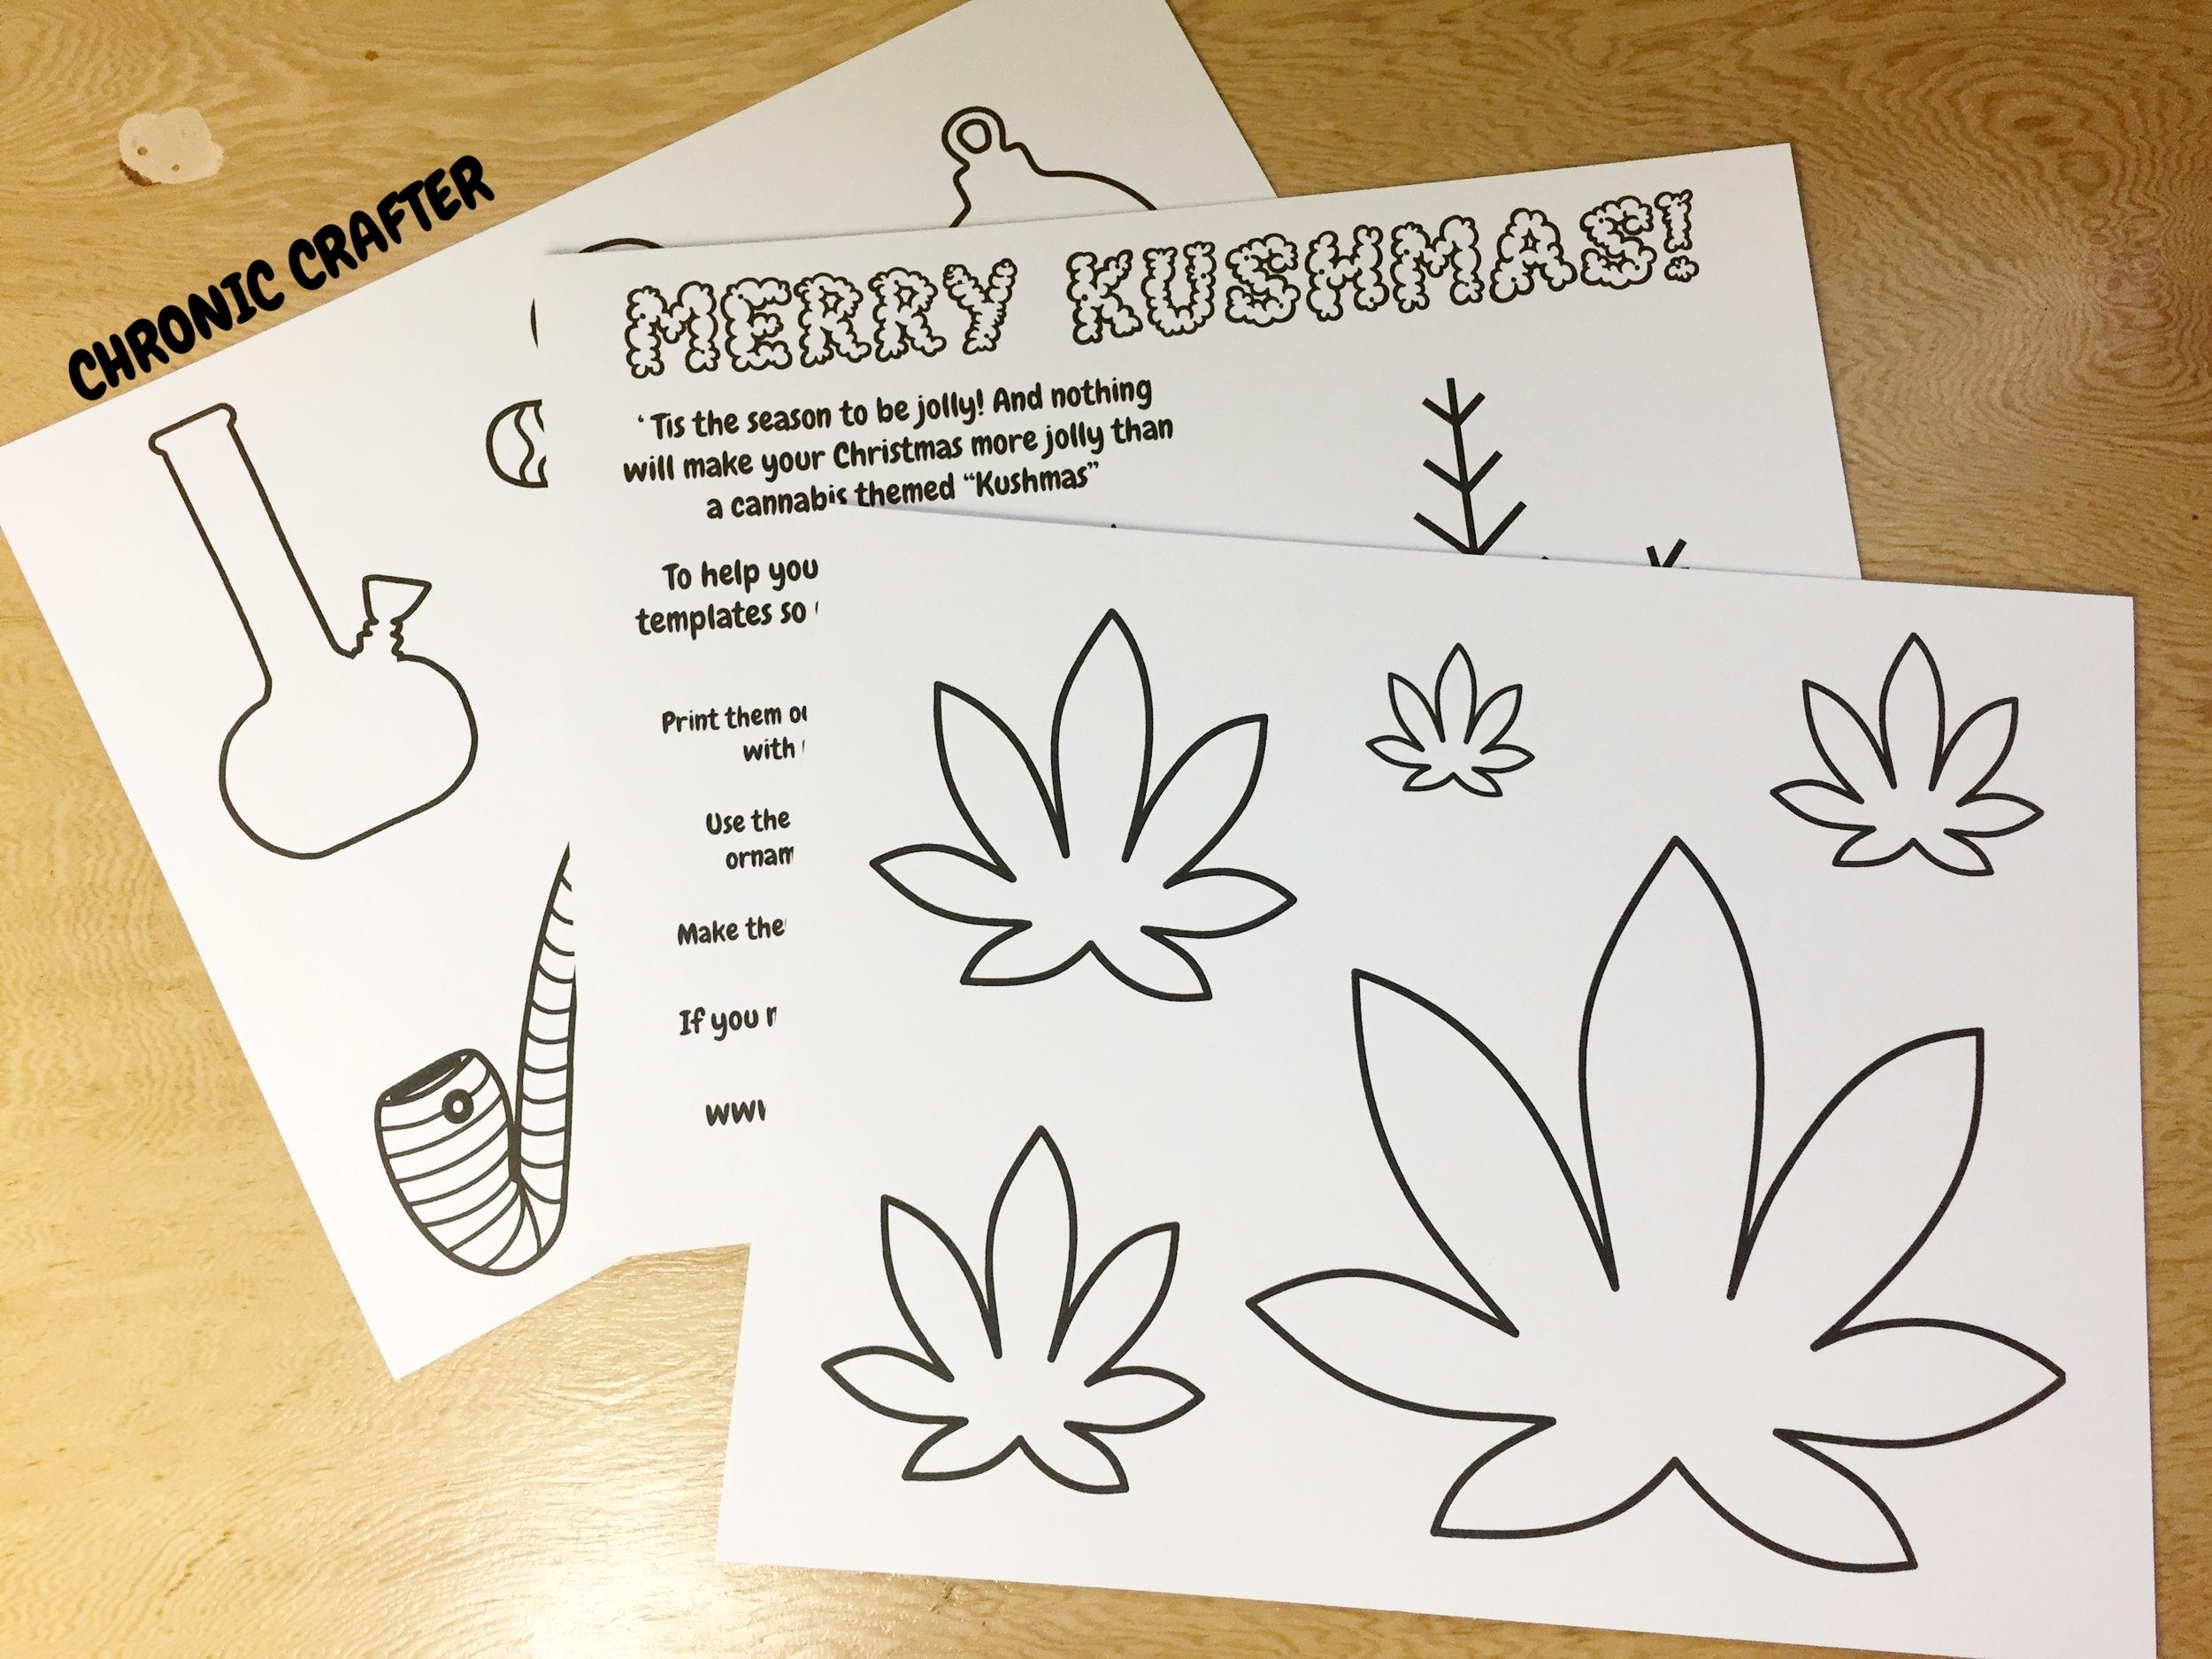 How to Make DIY Marijuana Themed Christmas (Kushmas) Ornaments